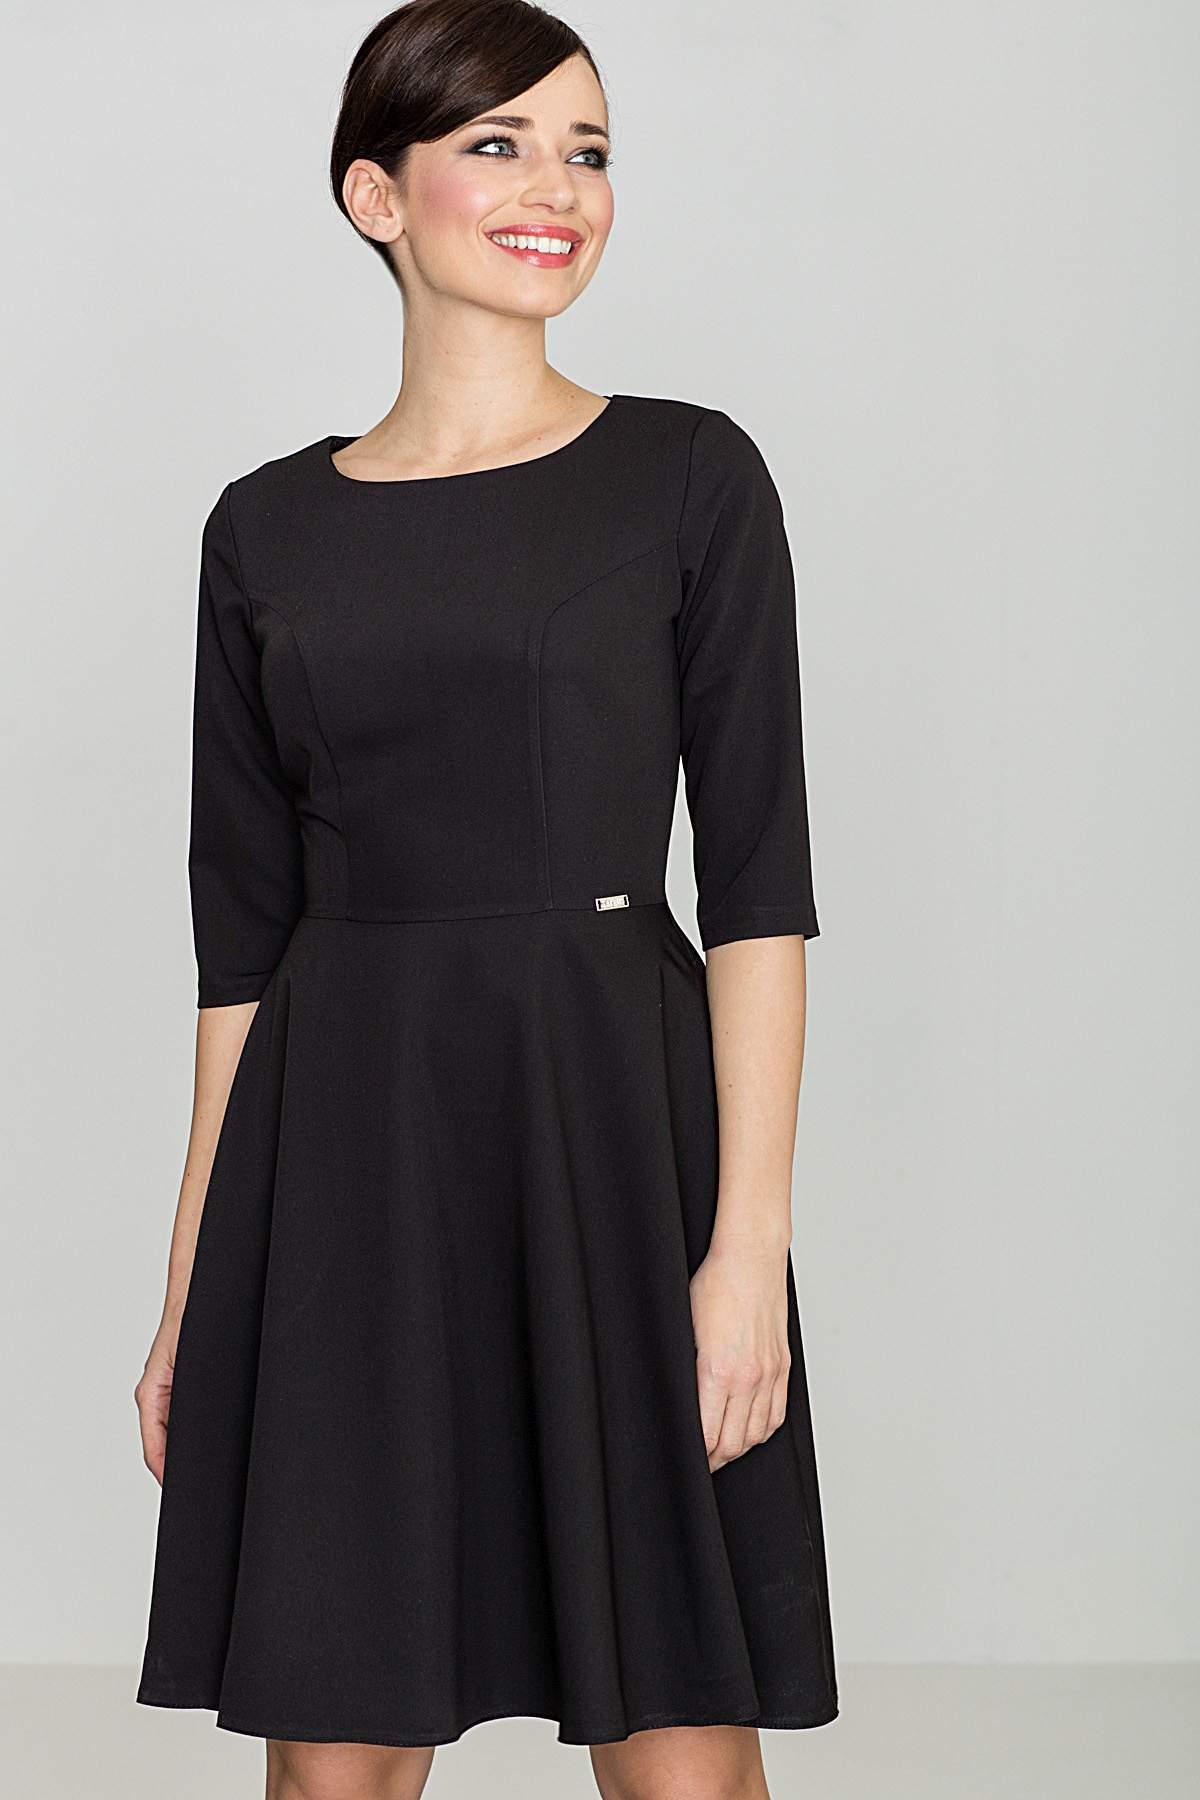 KATRUS κομψο κλος φορεμα